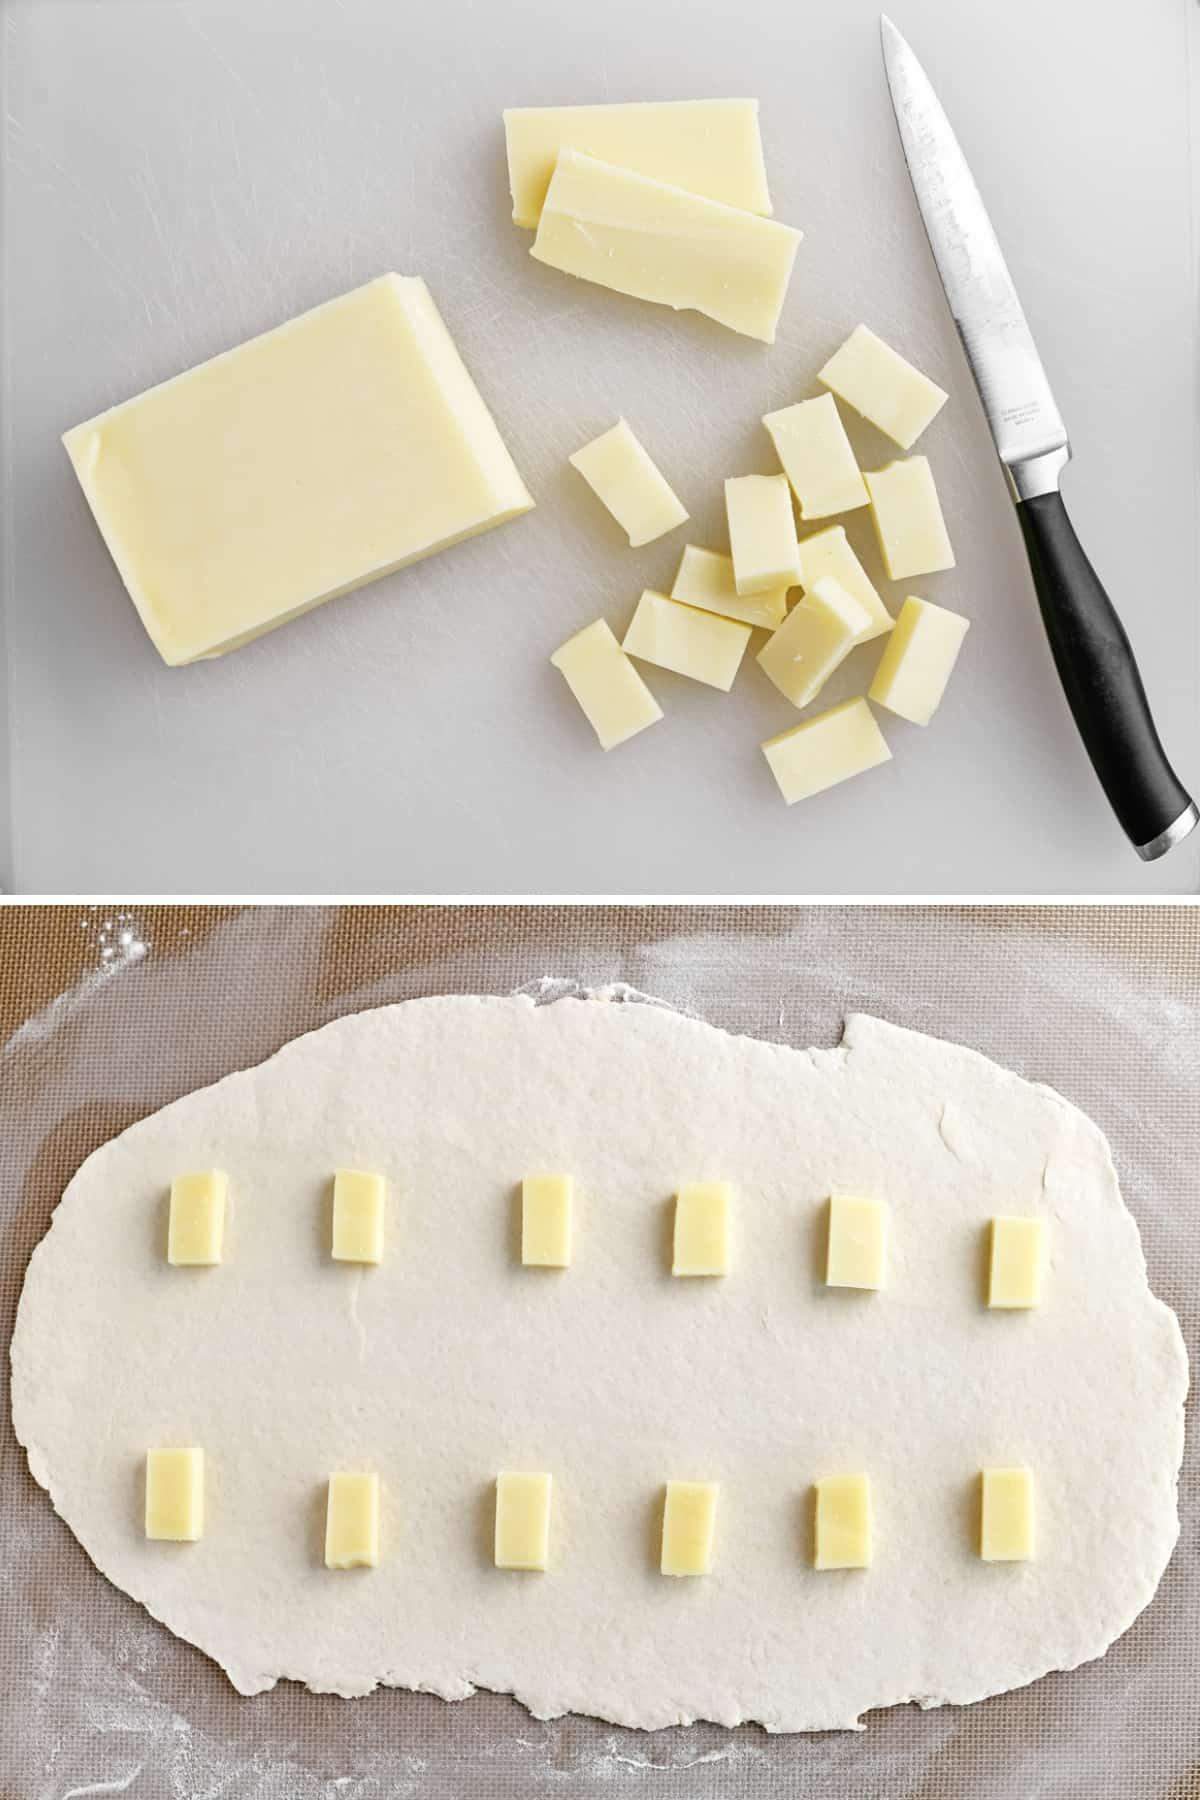 mozzarella cheese cubes